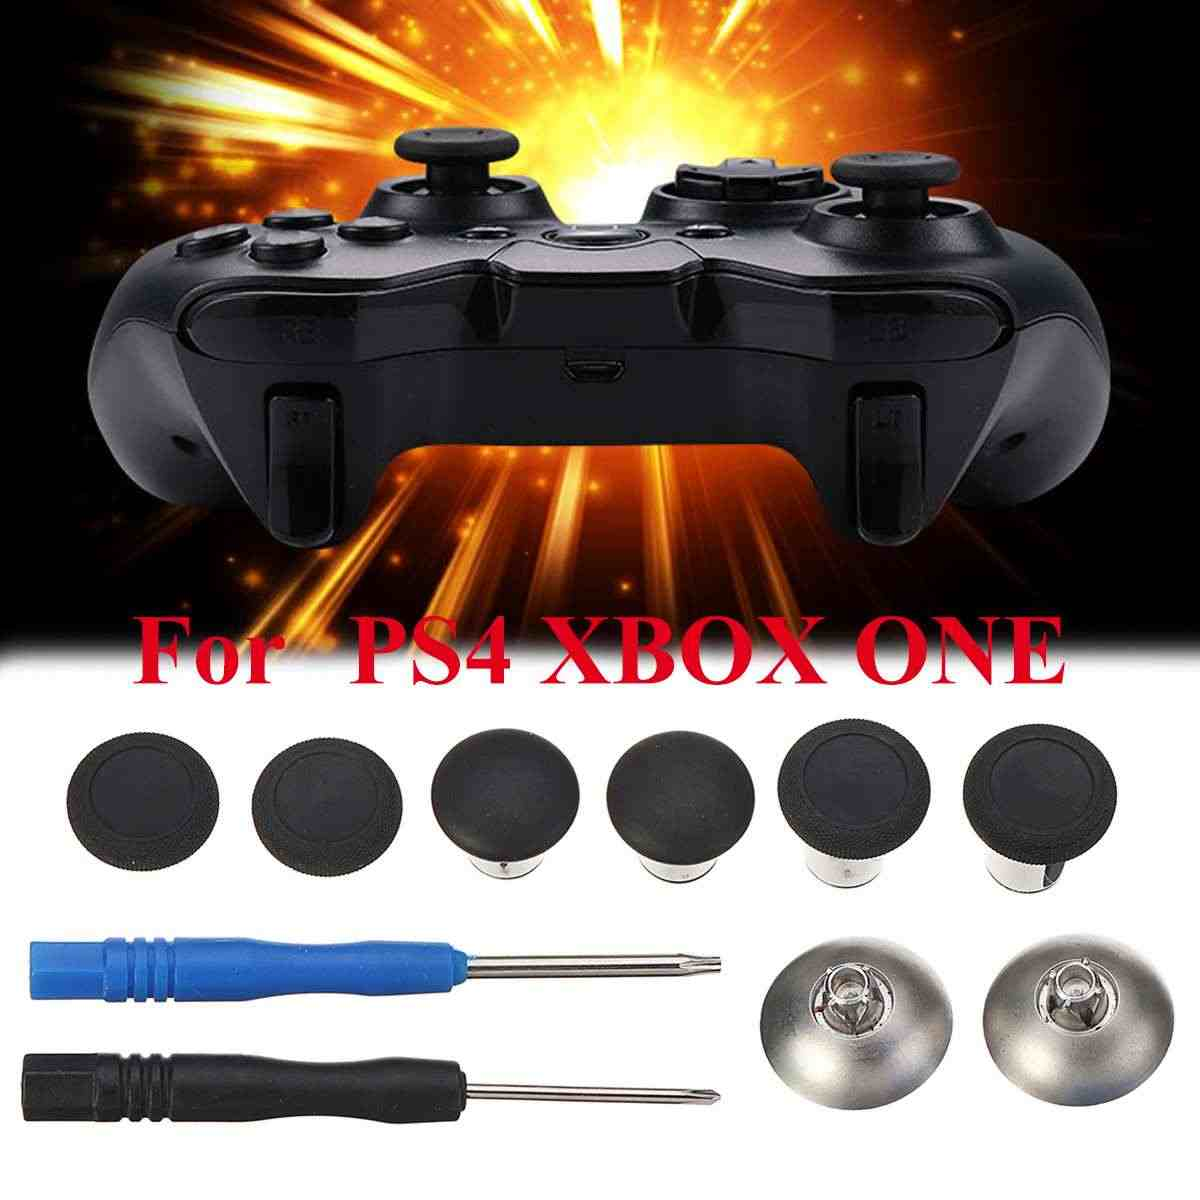 8 個ゲームボタン PS4 ため 3 高さロッカーキャップエリートハンドルアクセサリーハンドルボタン